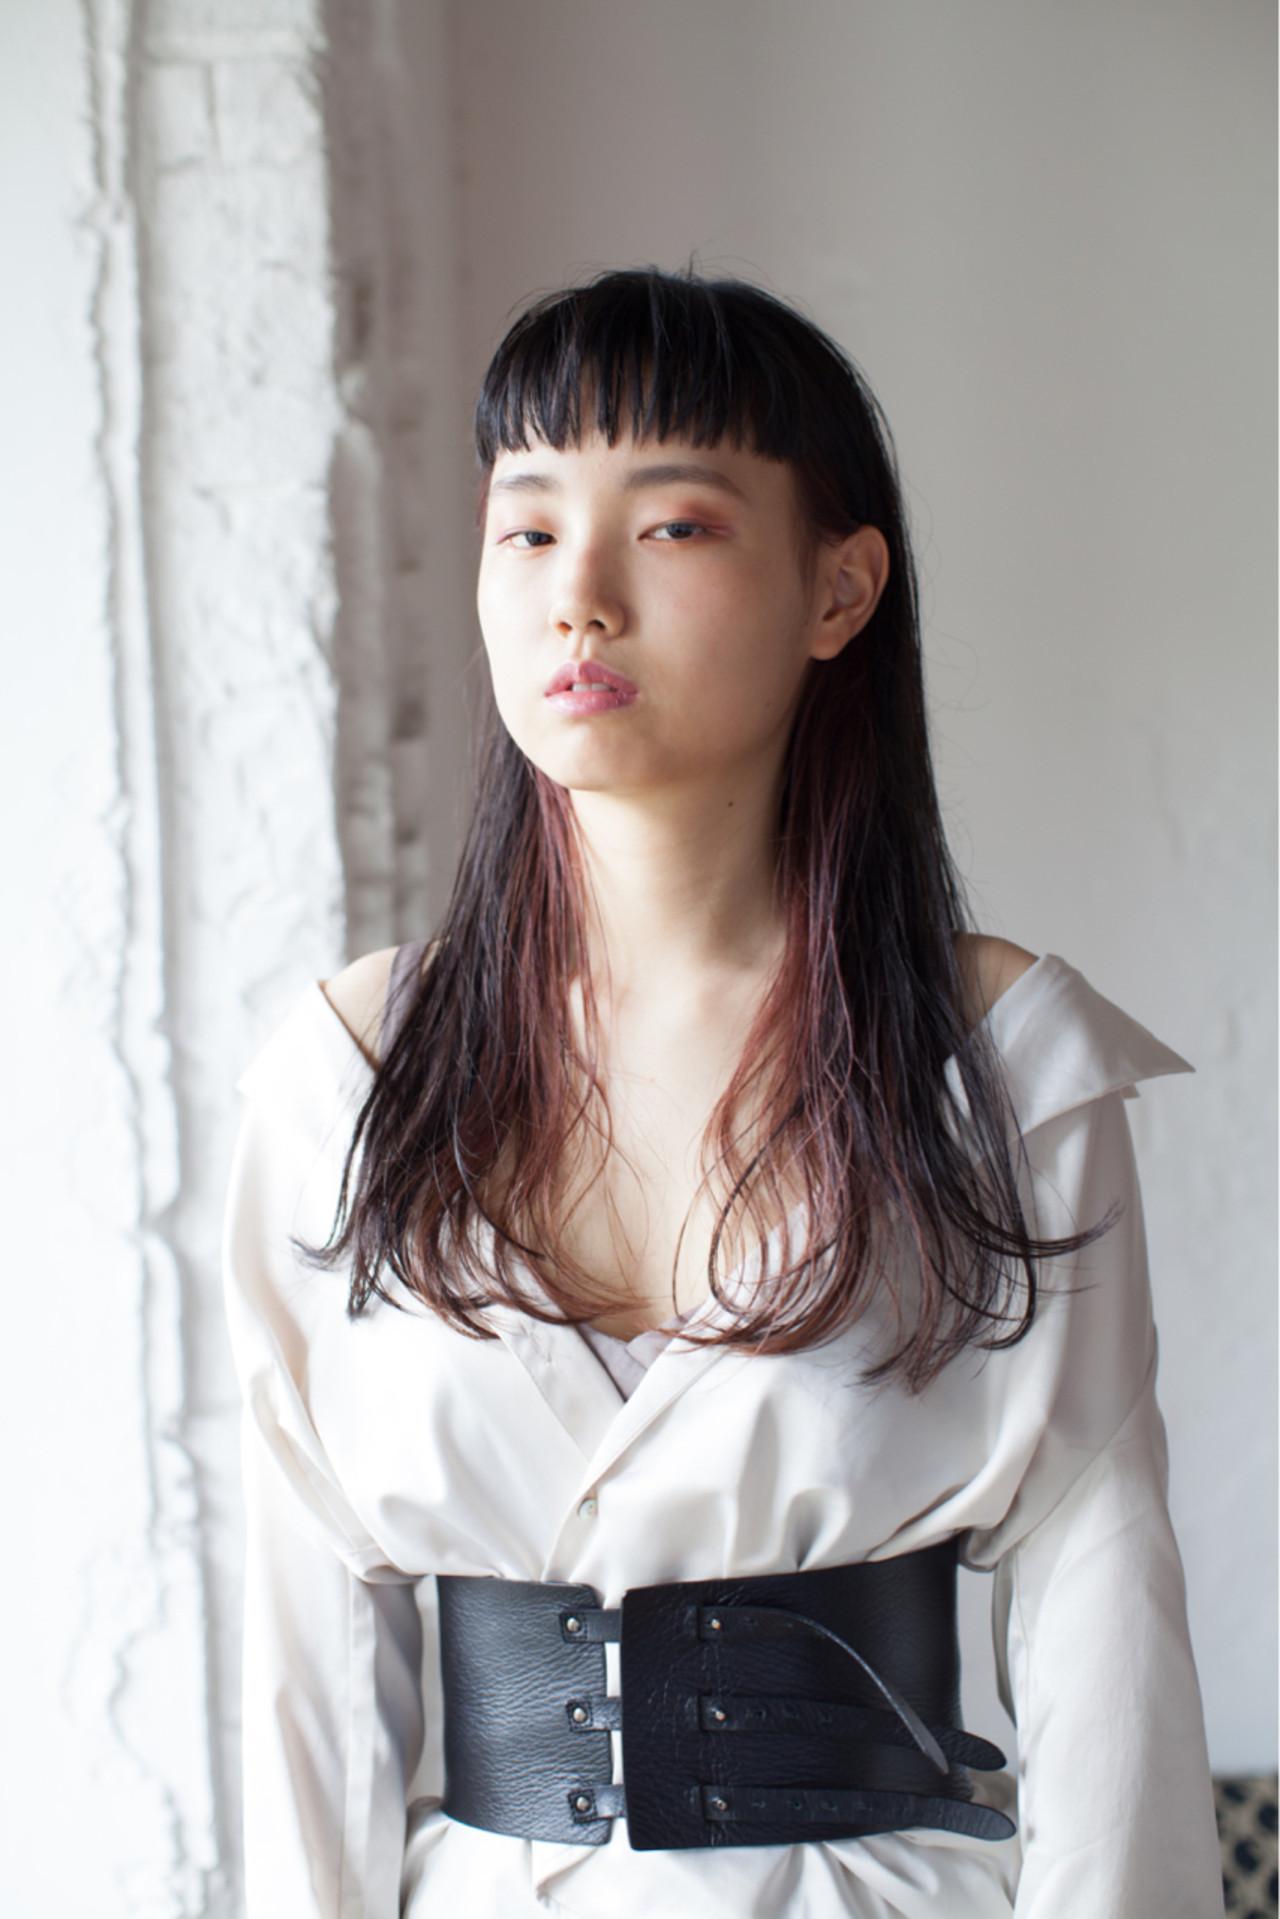 モード ロング ローライト インナーカラー ヘアスタイルや髪型の写真・画像